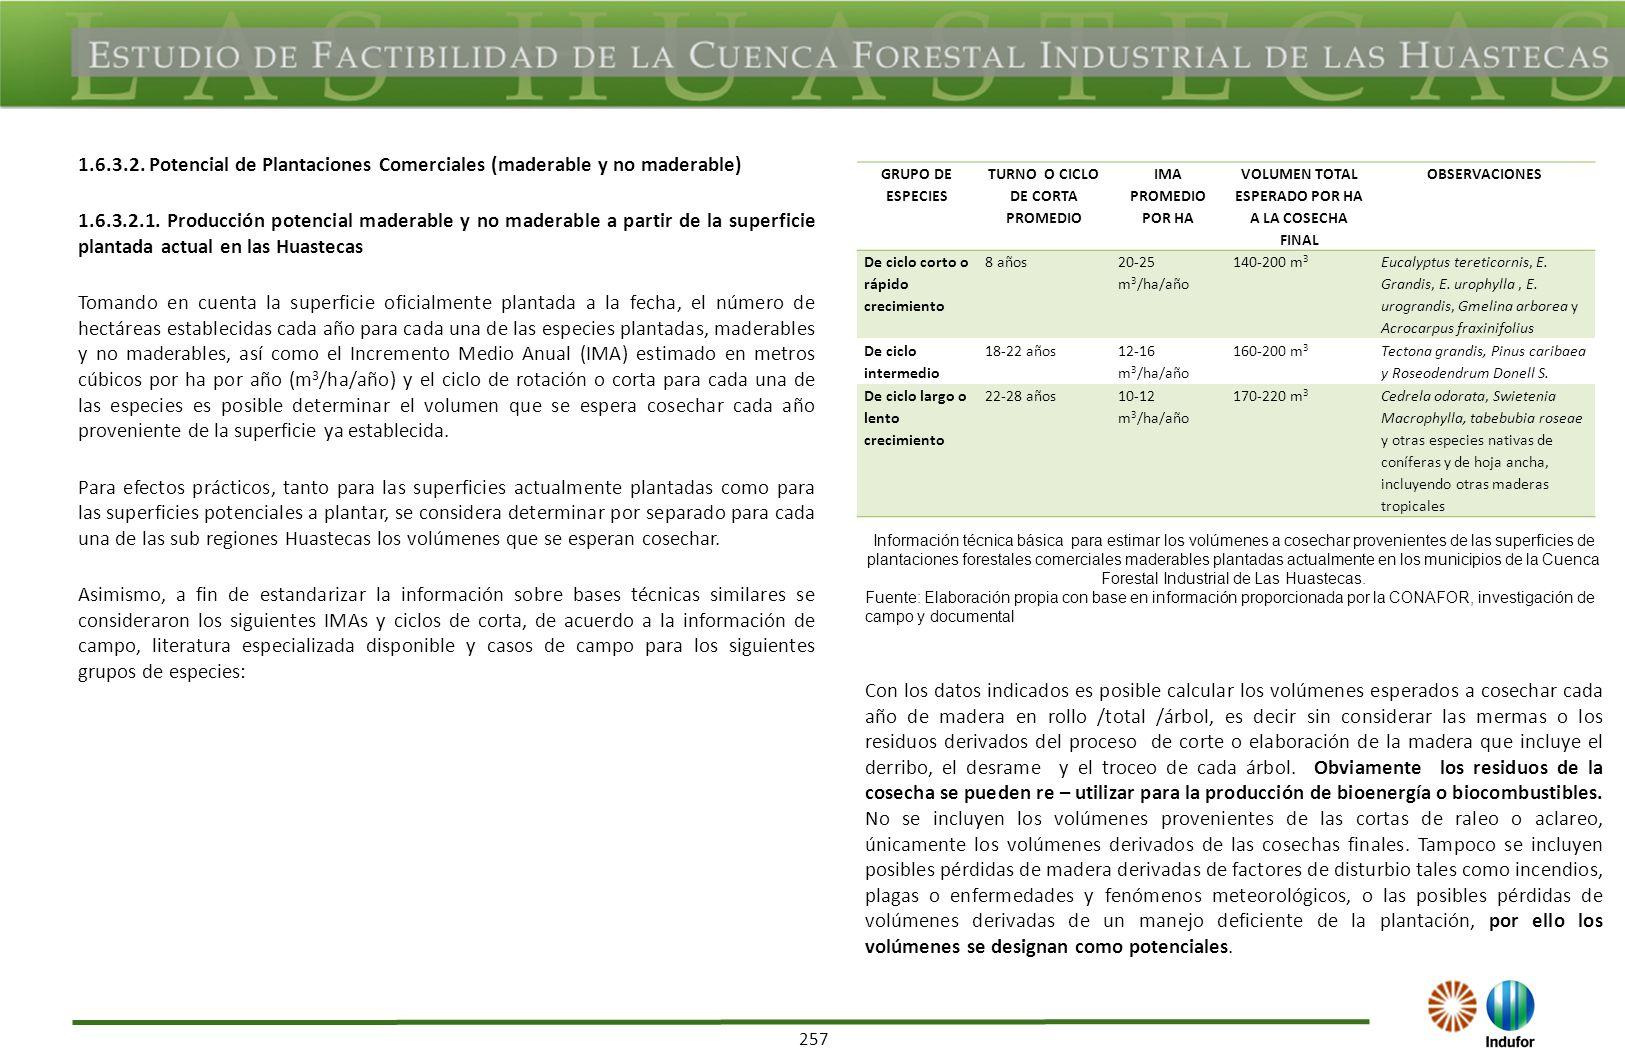 257 1.6.3.2. Potencial de Plantaciones Comerciales (maderable y no maderable) 1.6.3.2.1. Producción potencial maderable y no maderable a partir de la